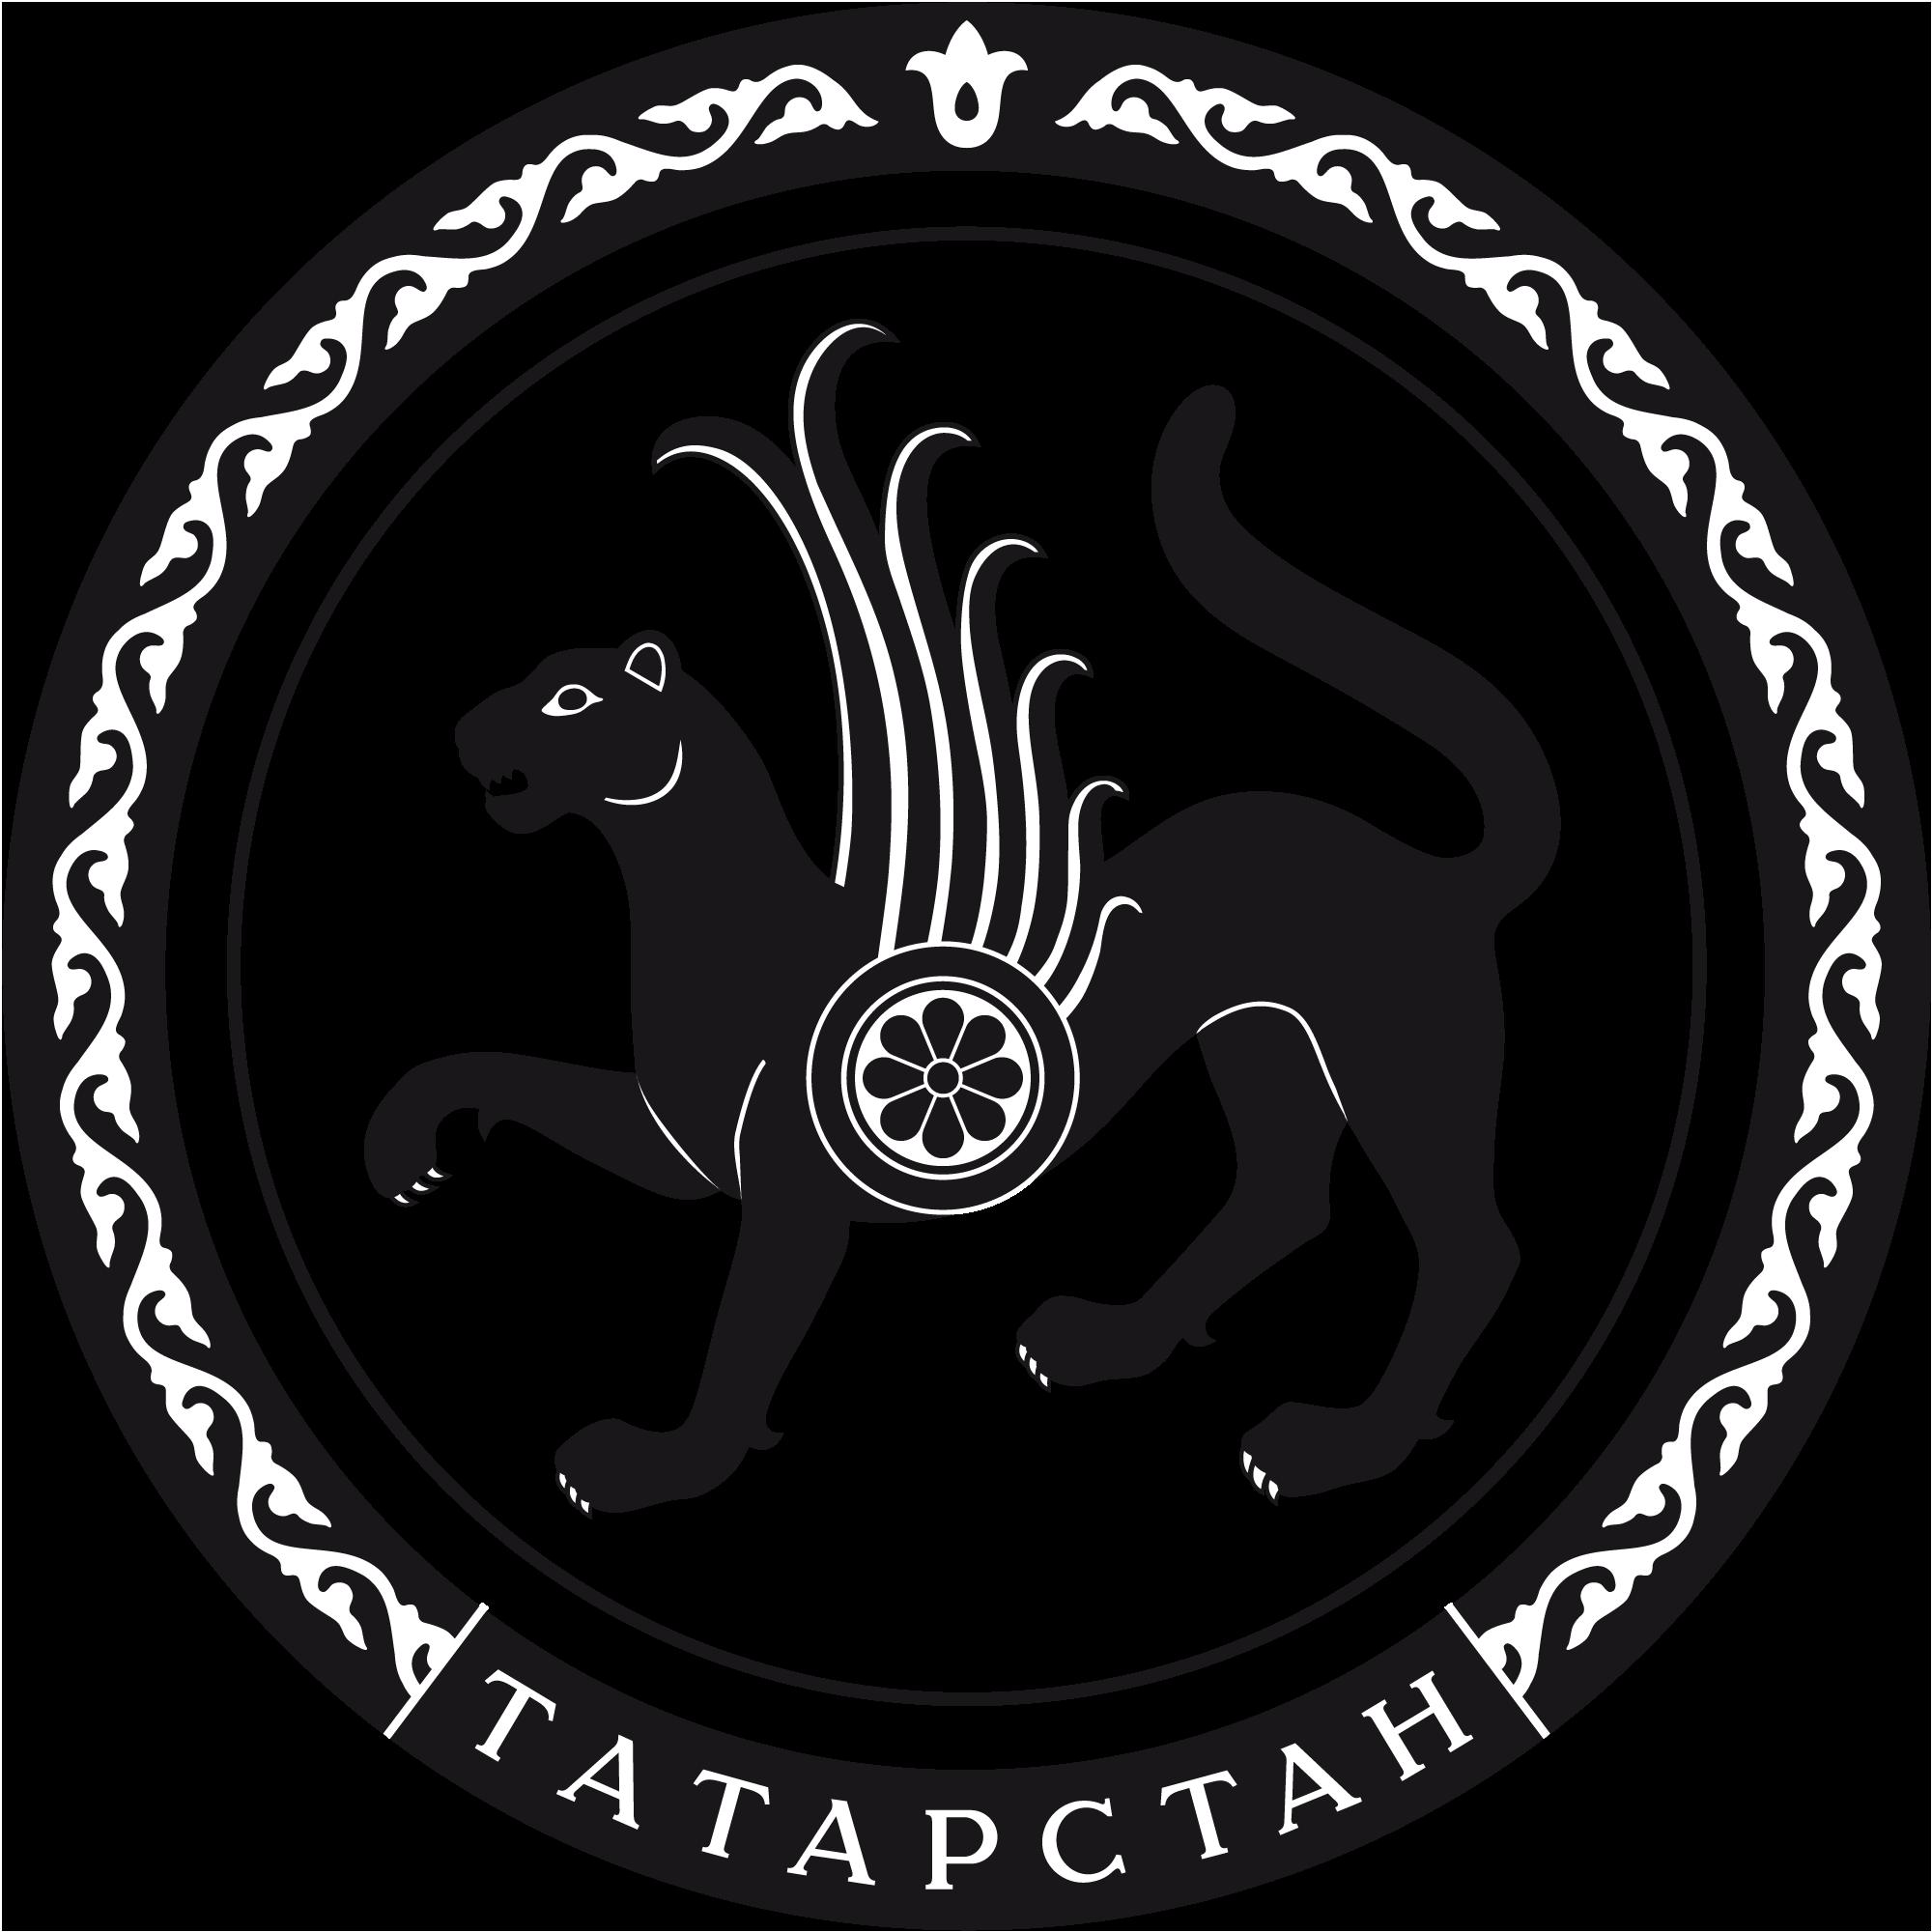 Черно-белый (монохромный) герб Республики Татарстан в векторном формате